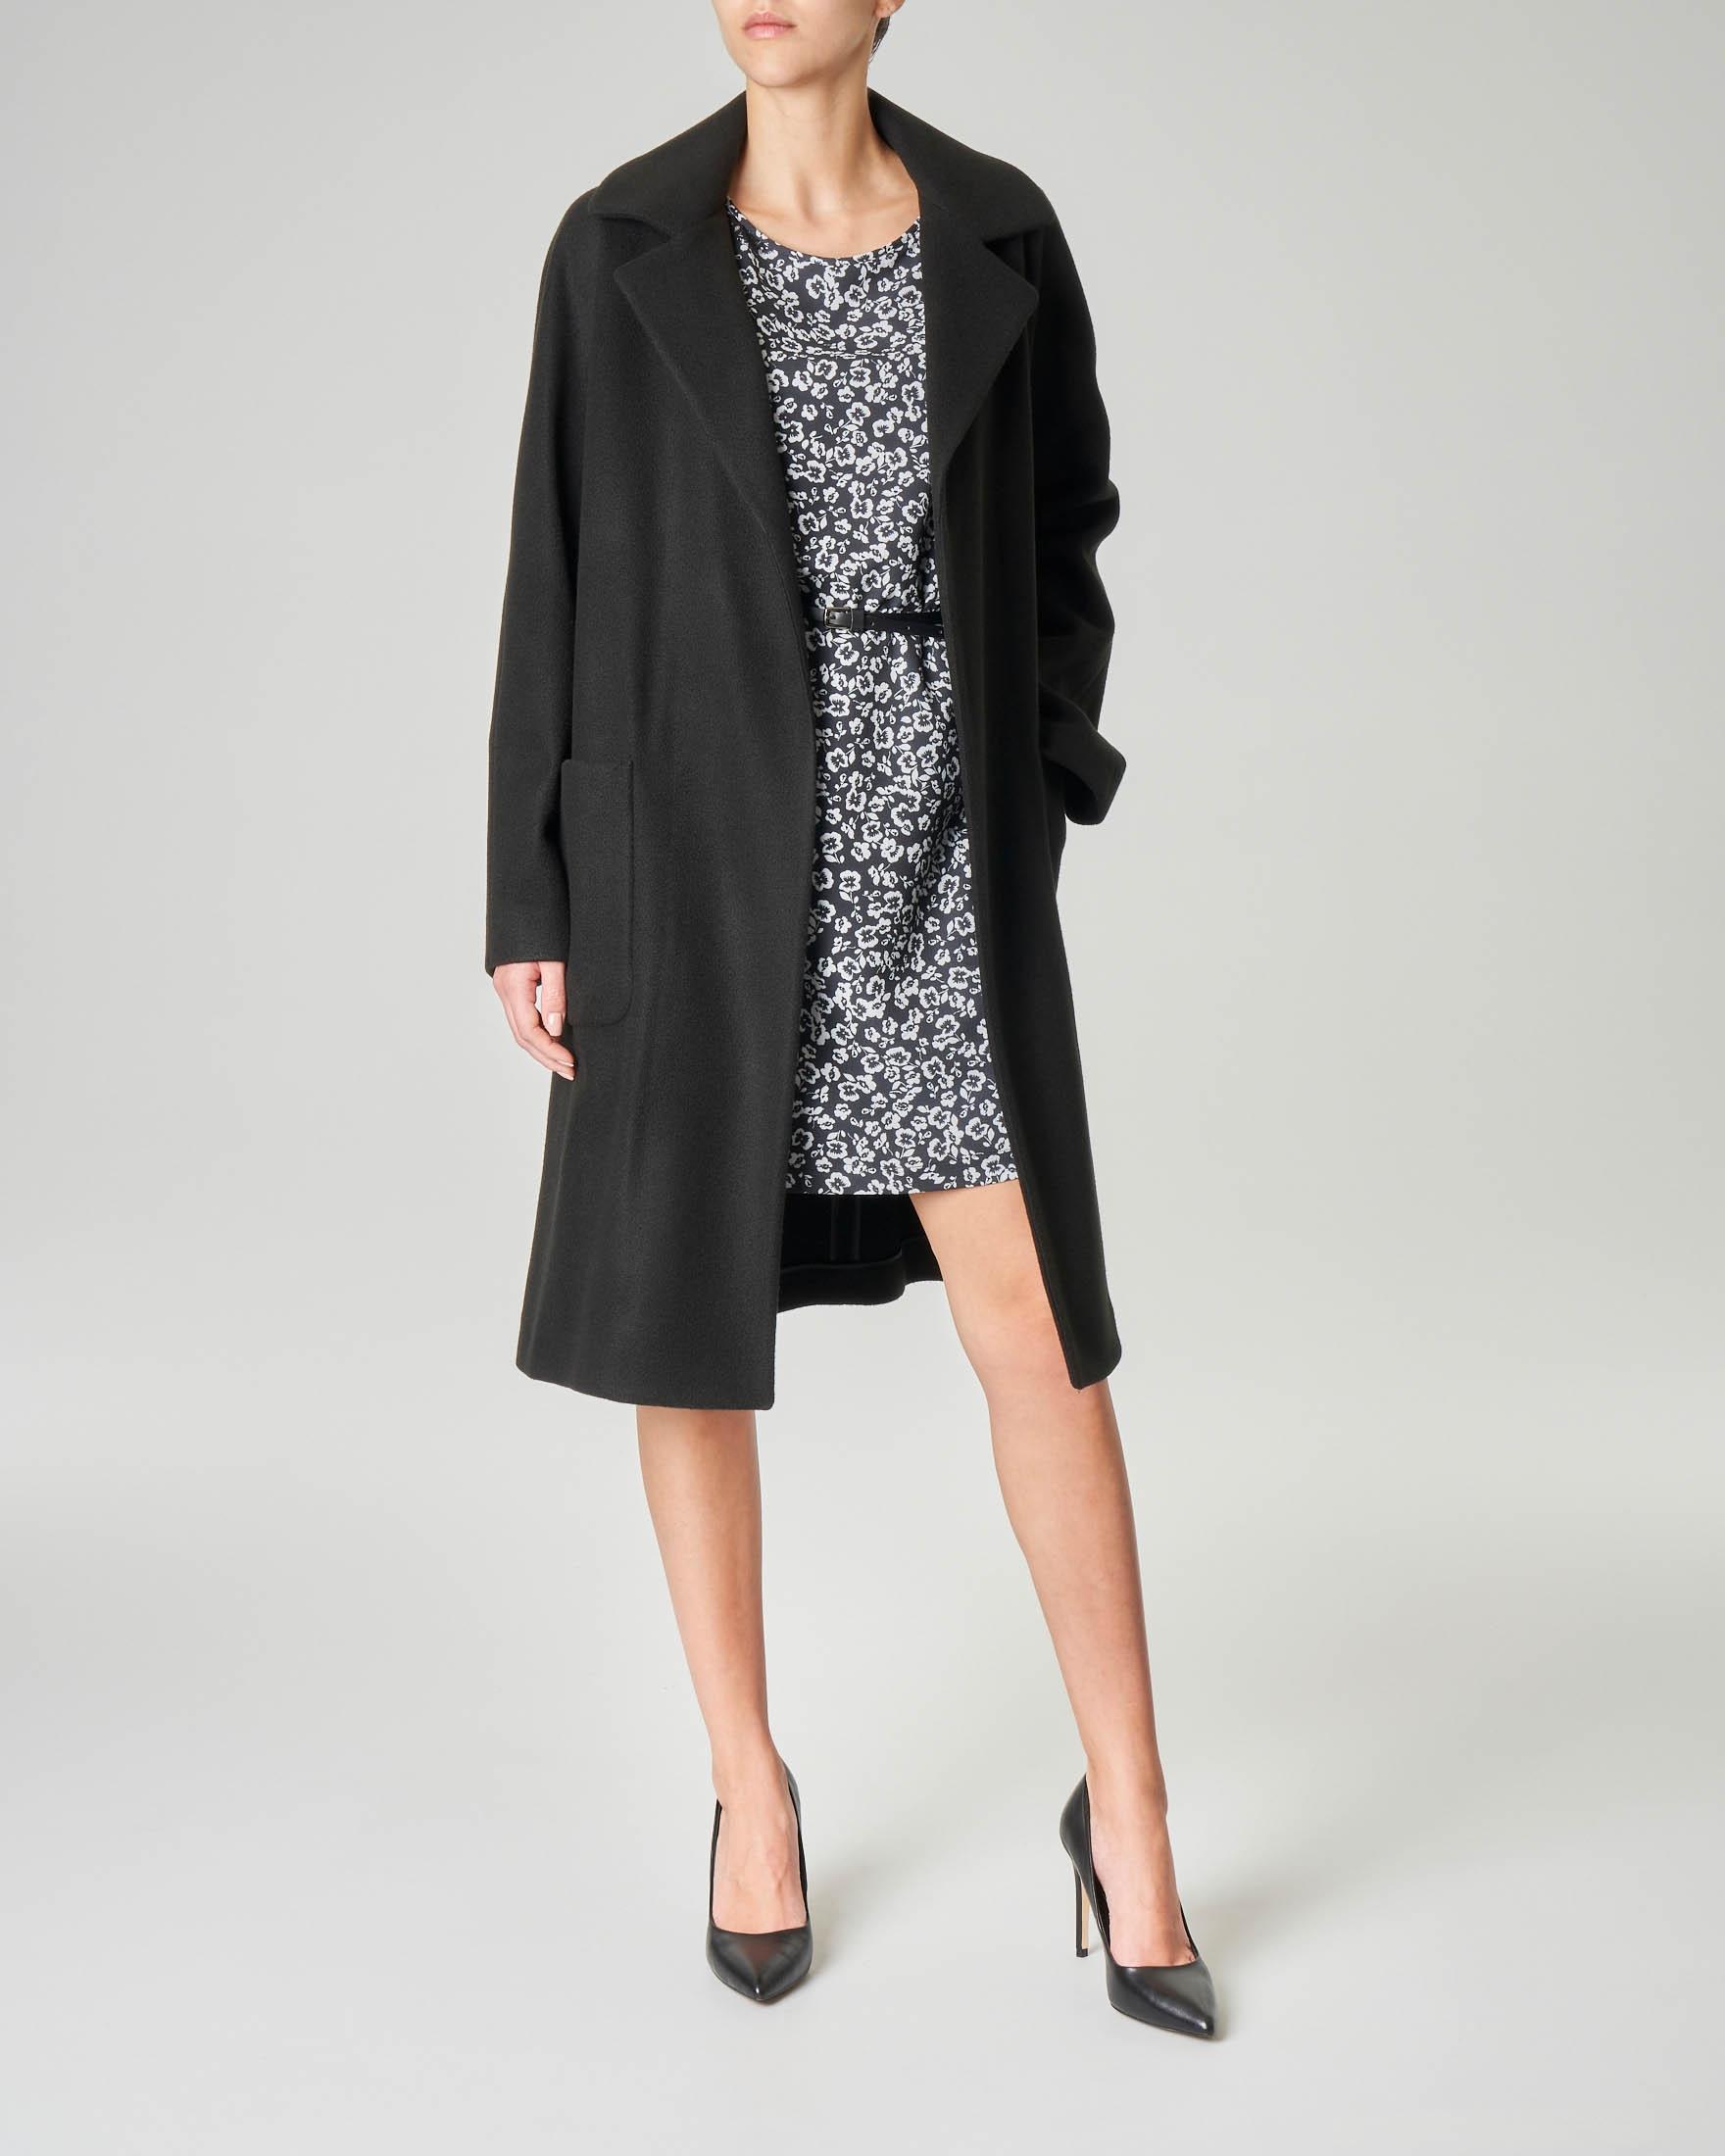 Cappotto nero in panno di misto lana con cintura in vita   Pellizzari E commerce